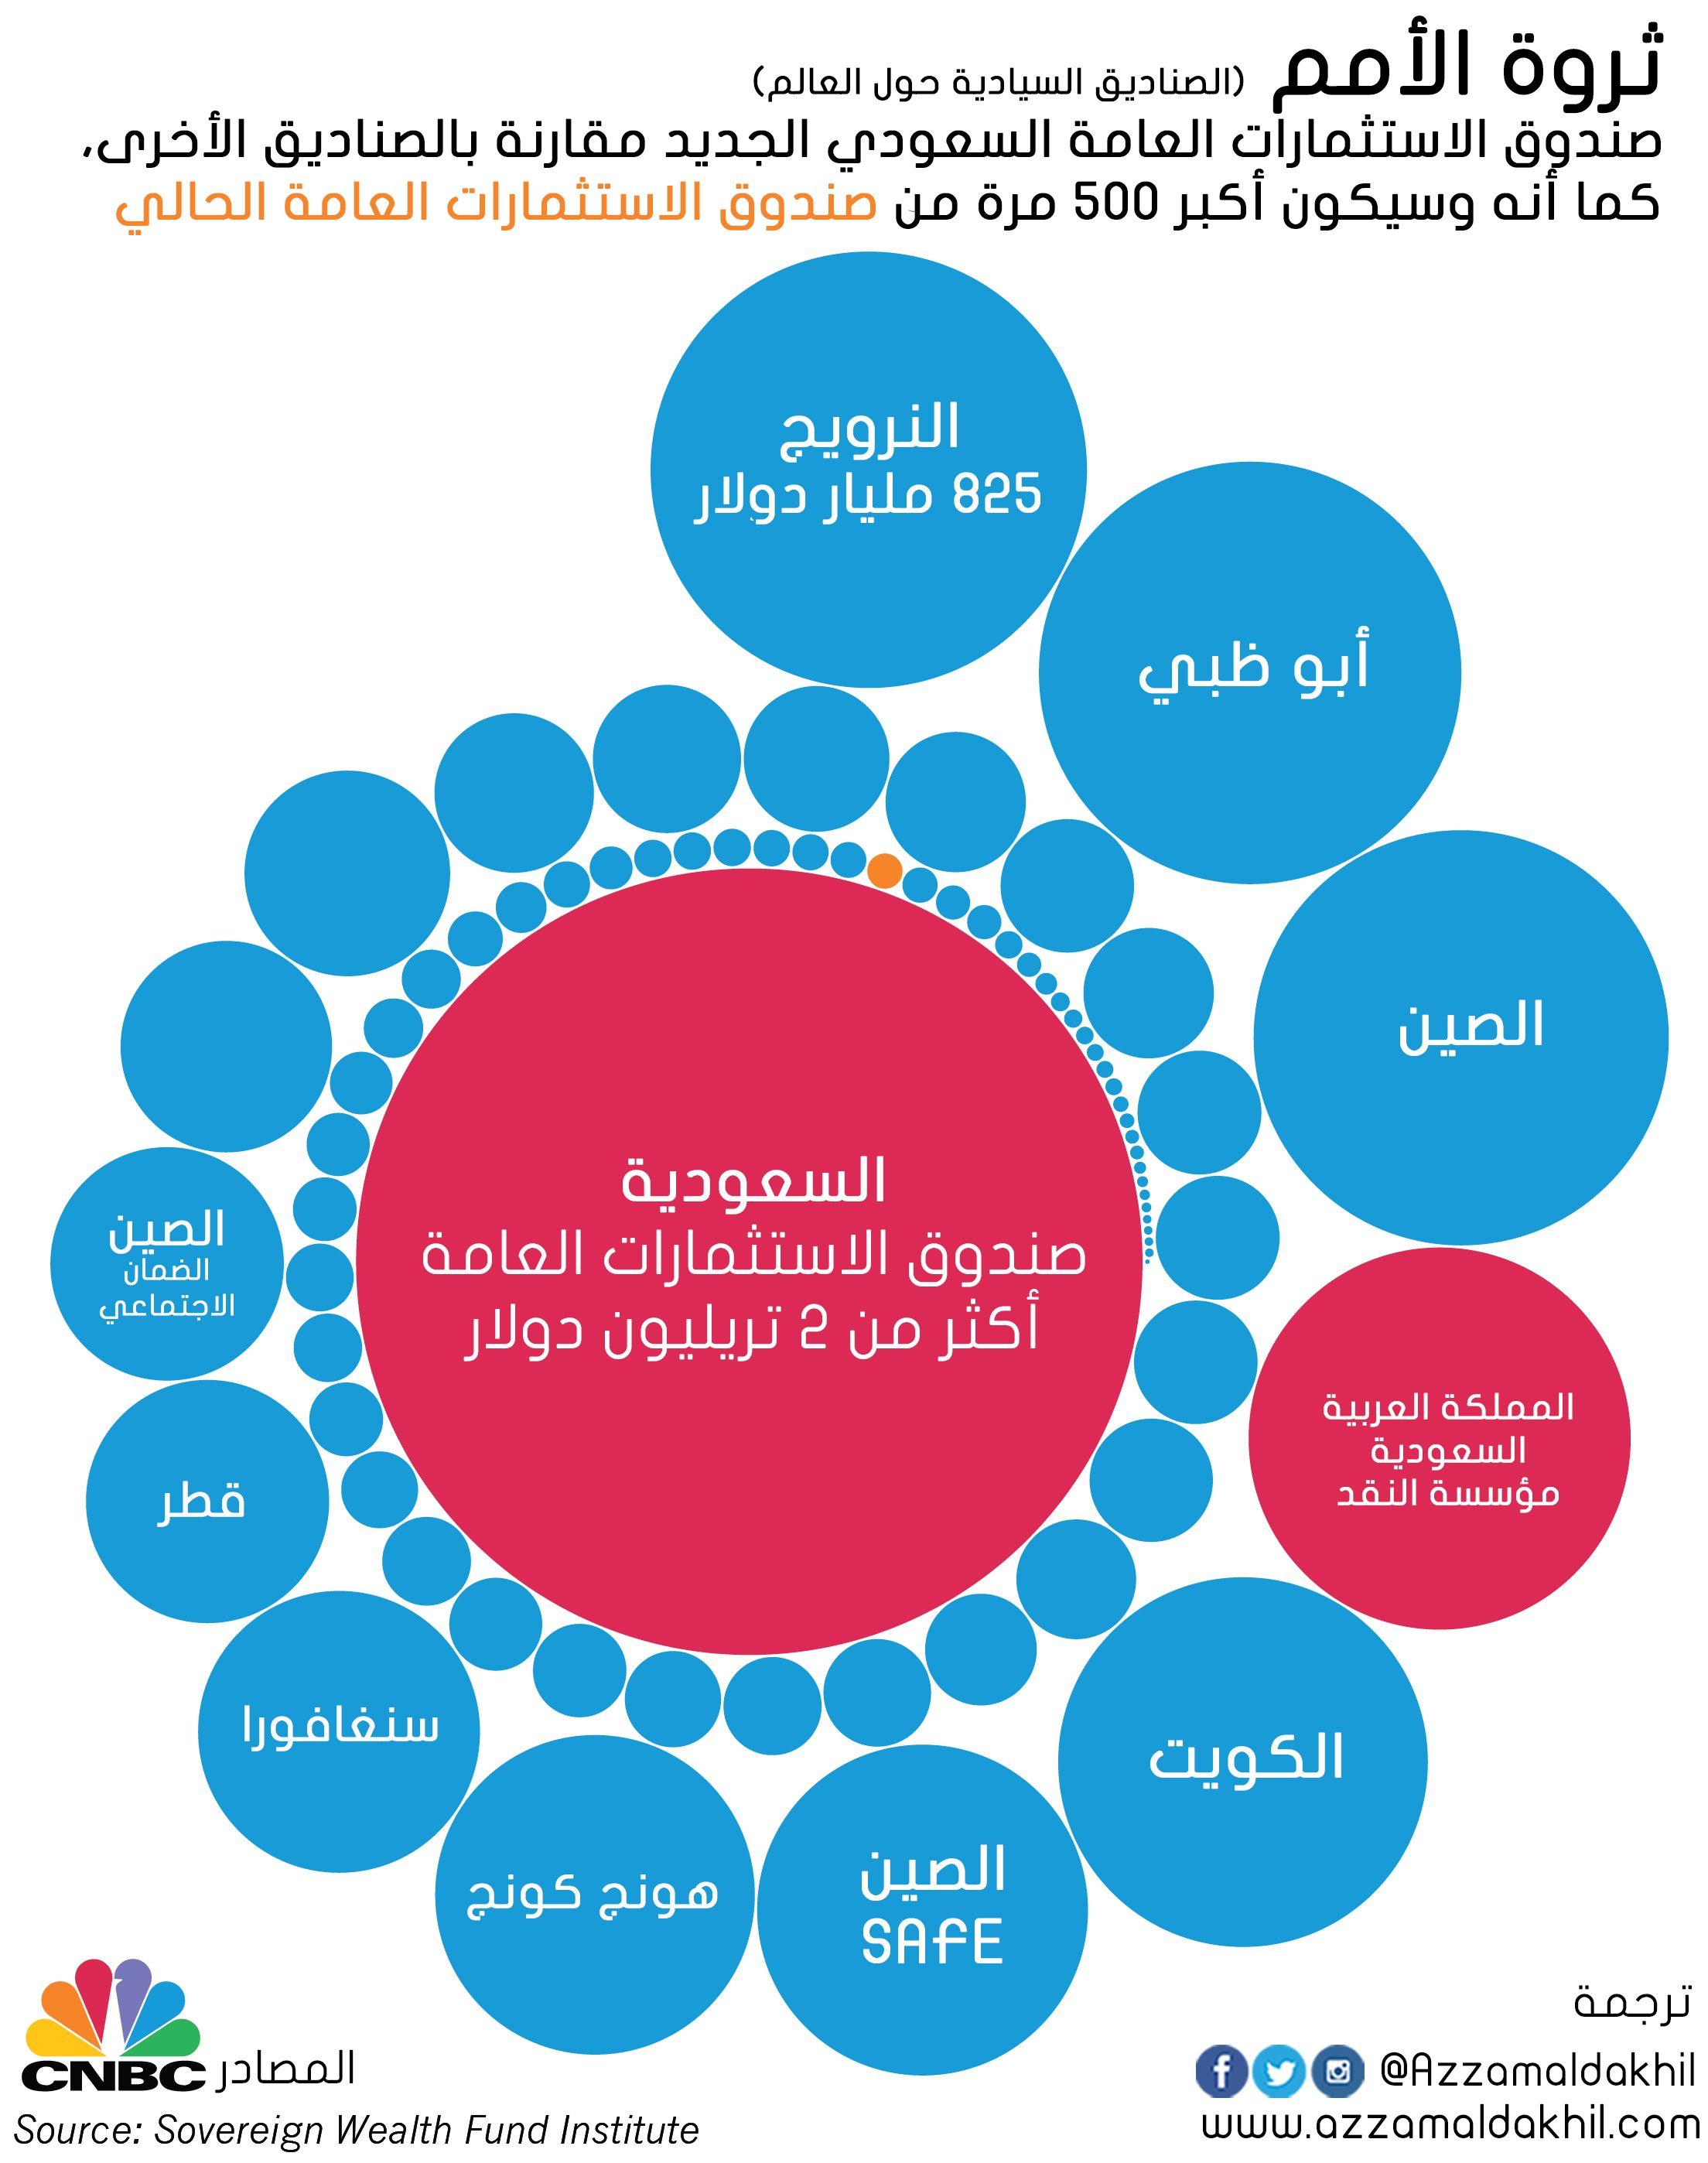 نقلا عن سمو ولي ولي العهد Cnbc تكتب مقالا عن صندوق الاستثمارات العامة السعودي الذي سيصبح الأكبر عالميا وذلك بطرح جزء من أسهم شركة ارام Pie Chart Chart Polls